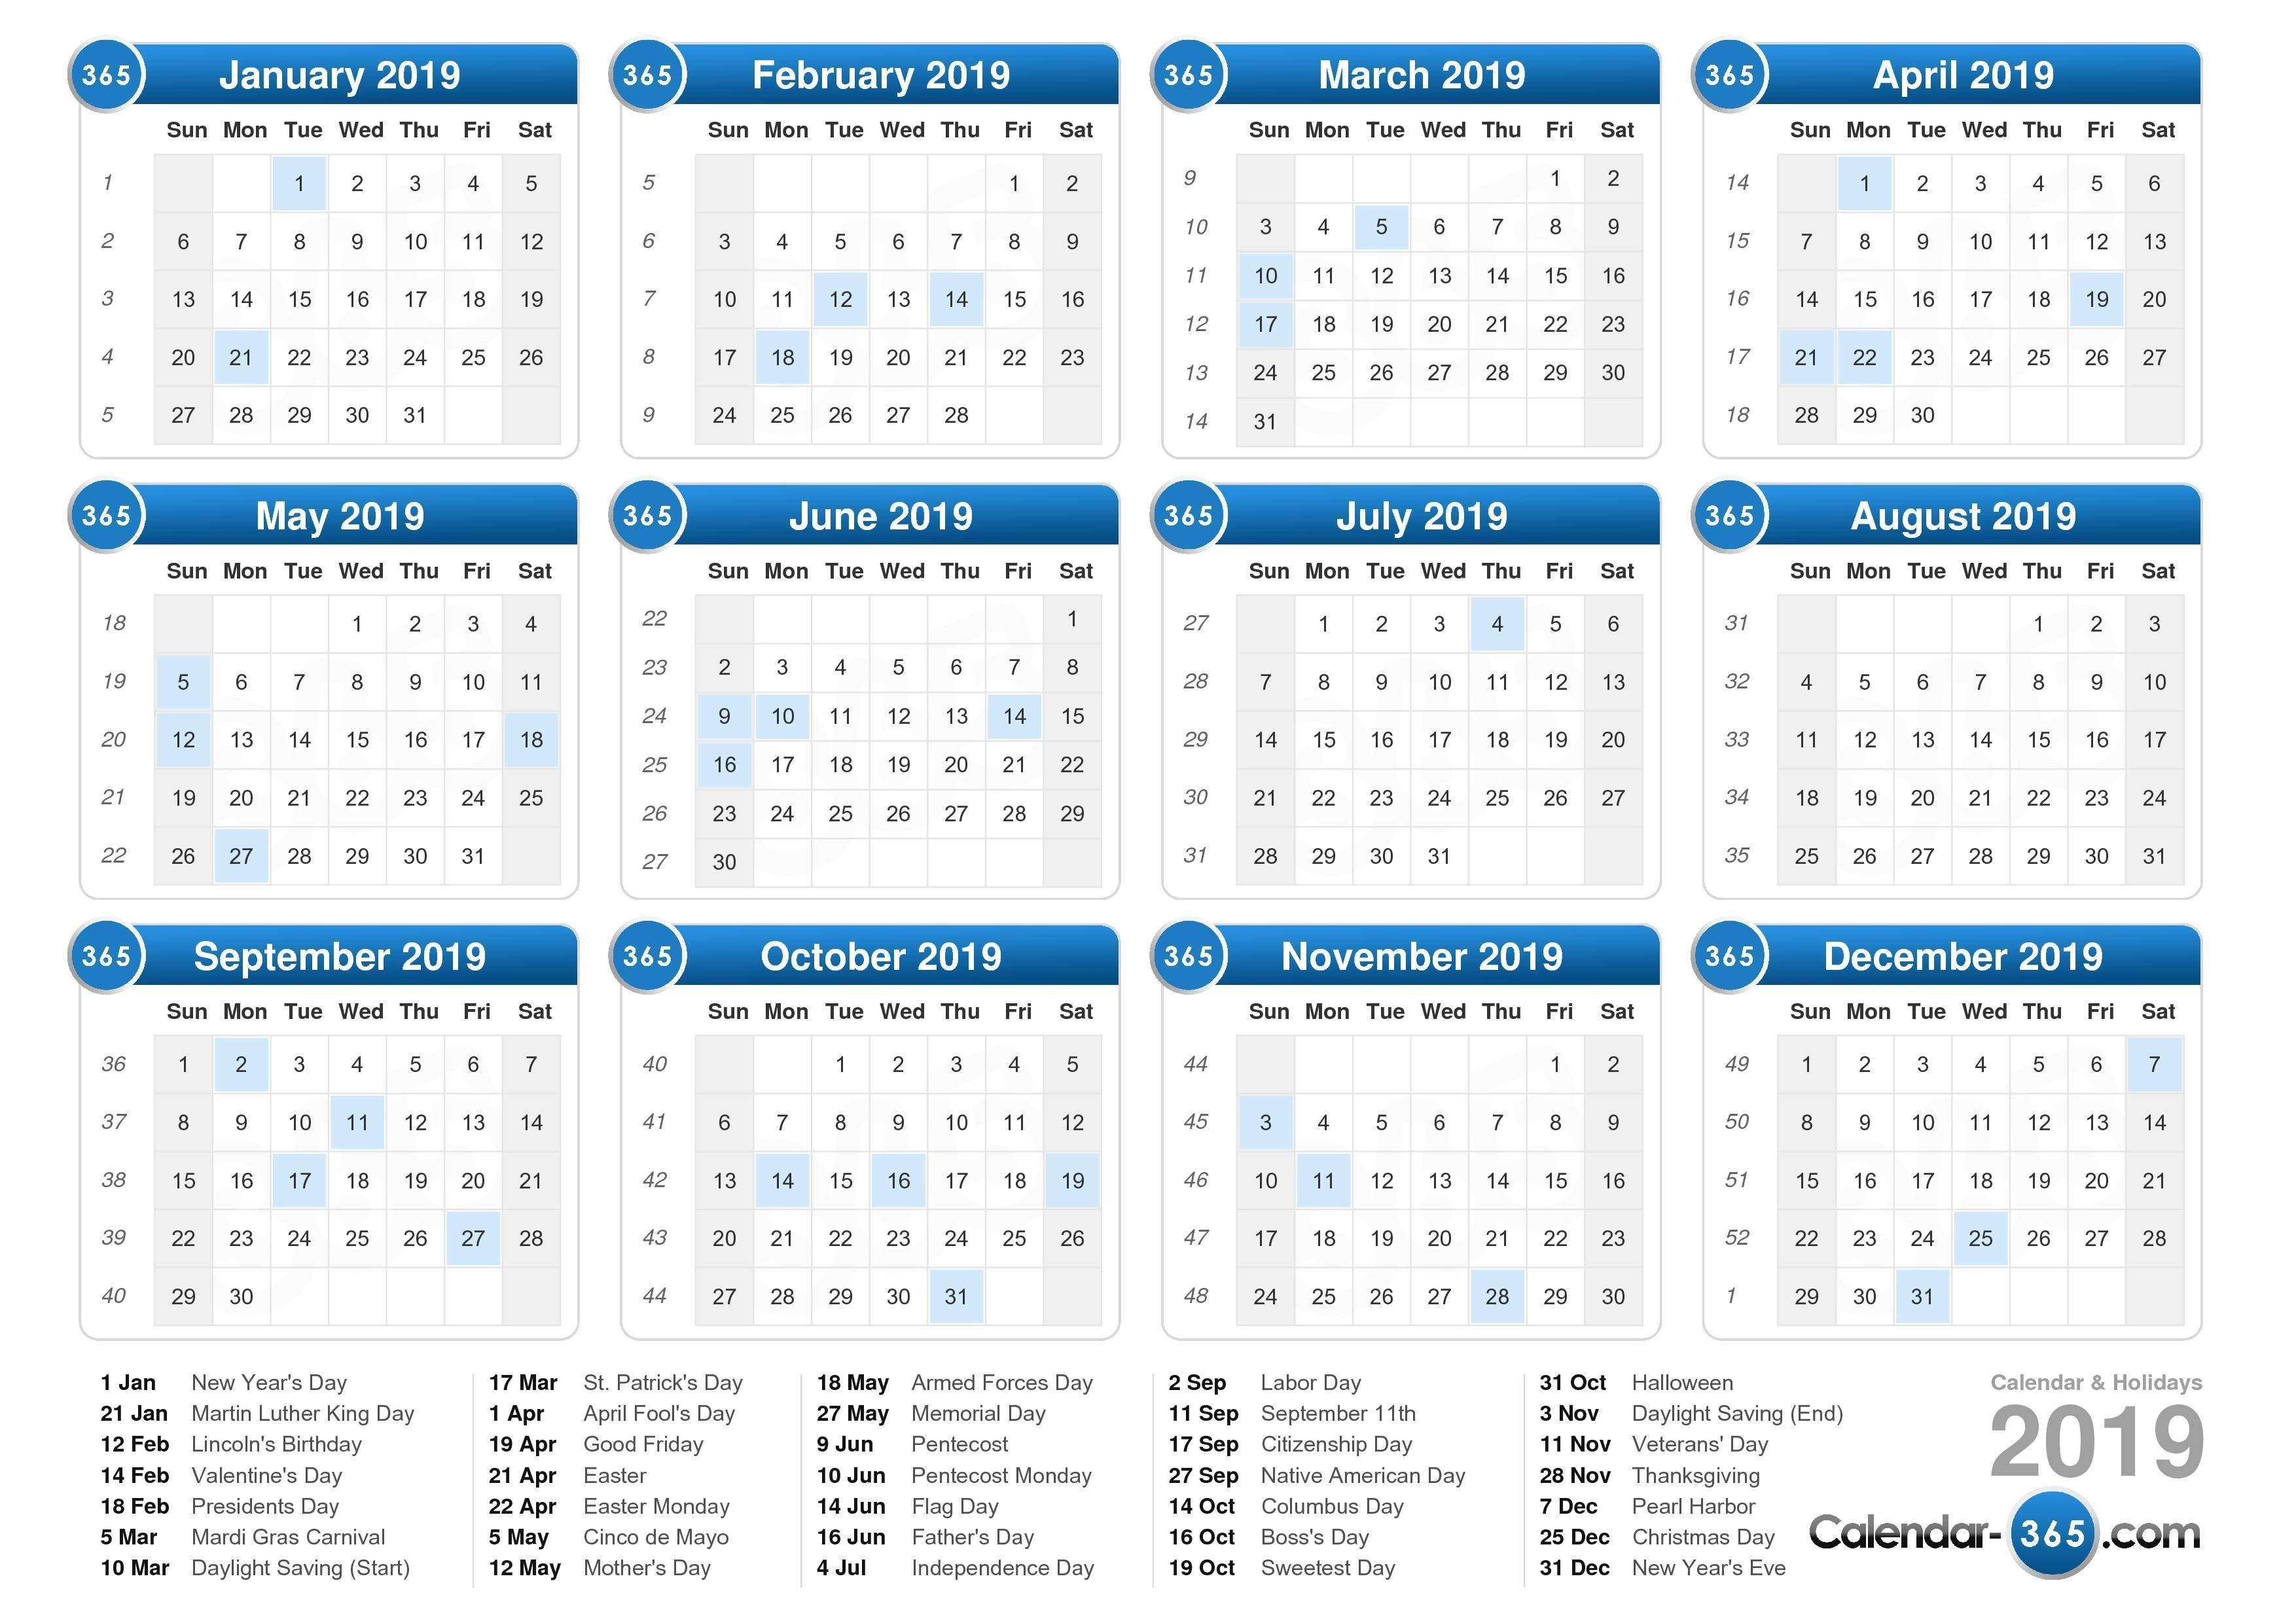 2019 Calendar Images Of A 2019 Calendar